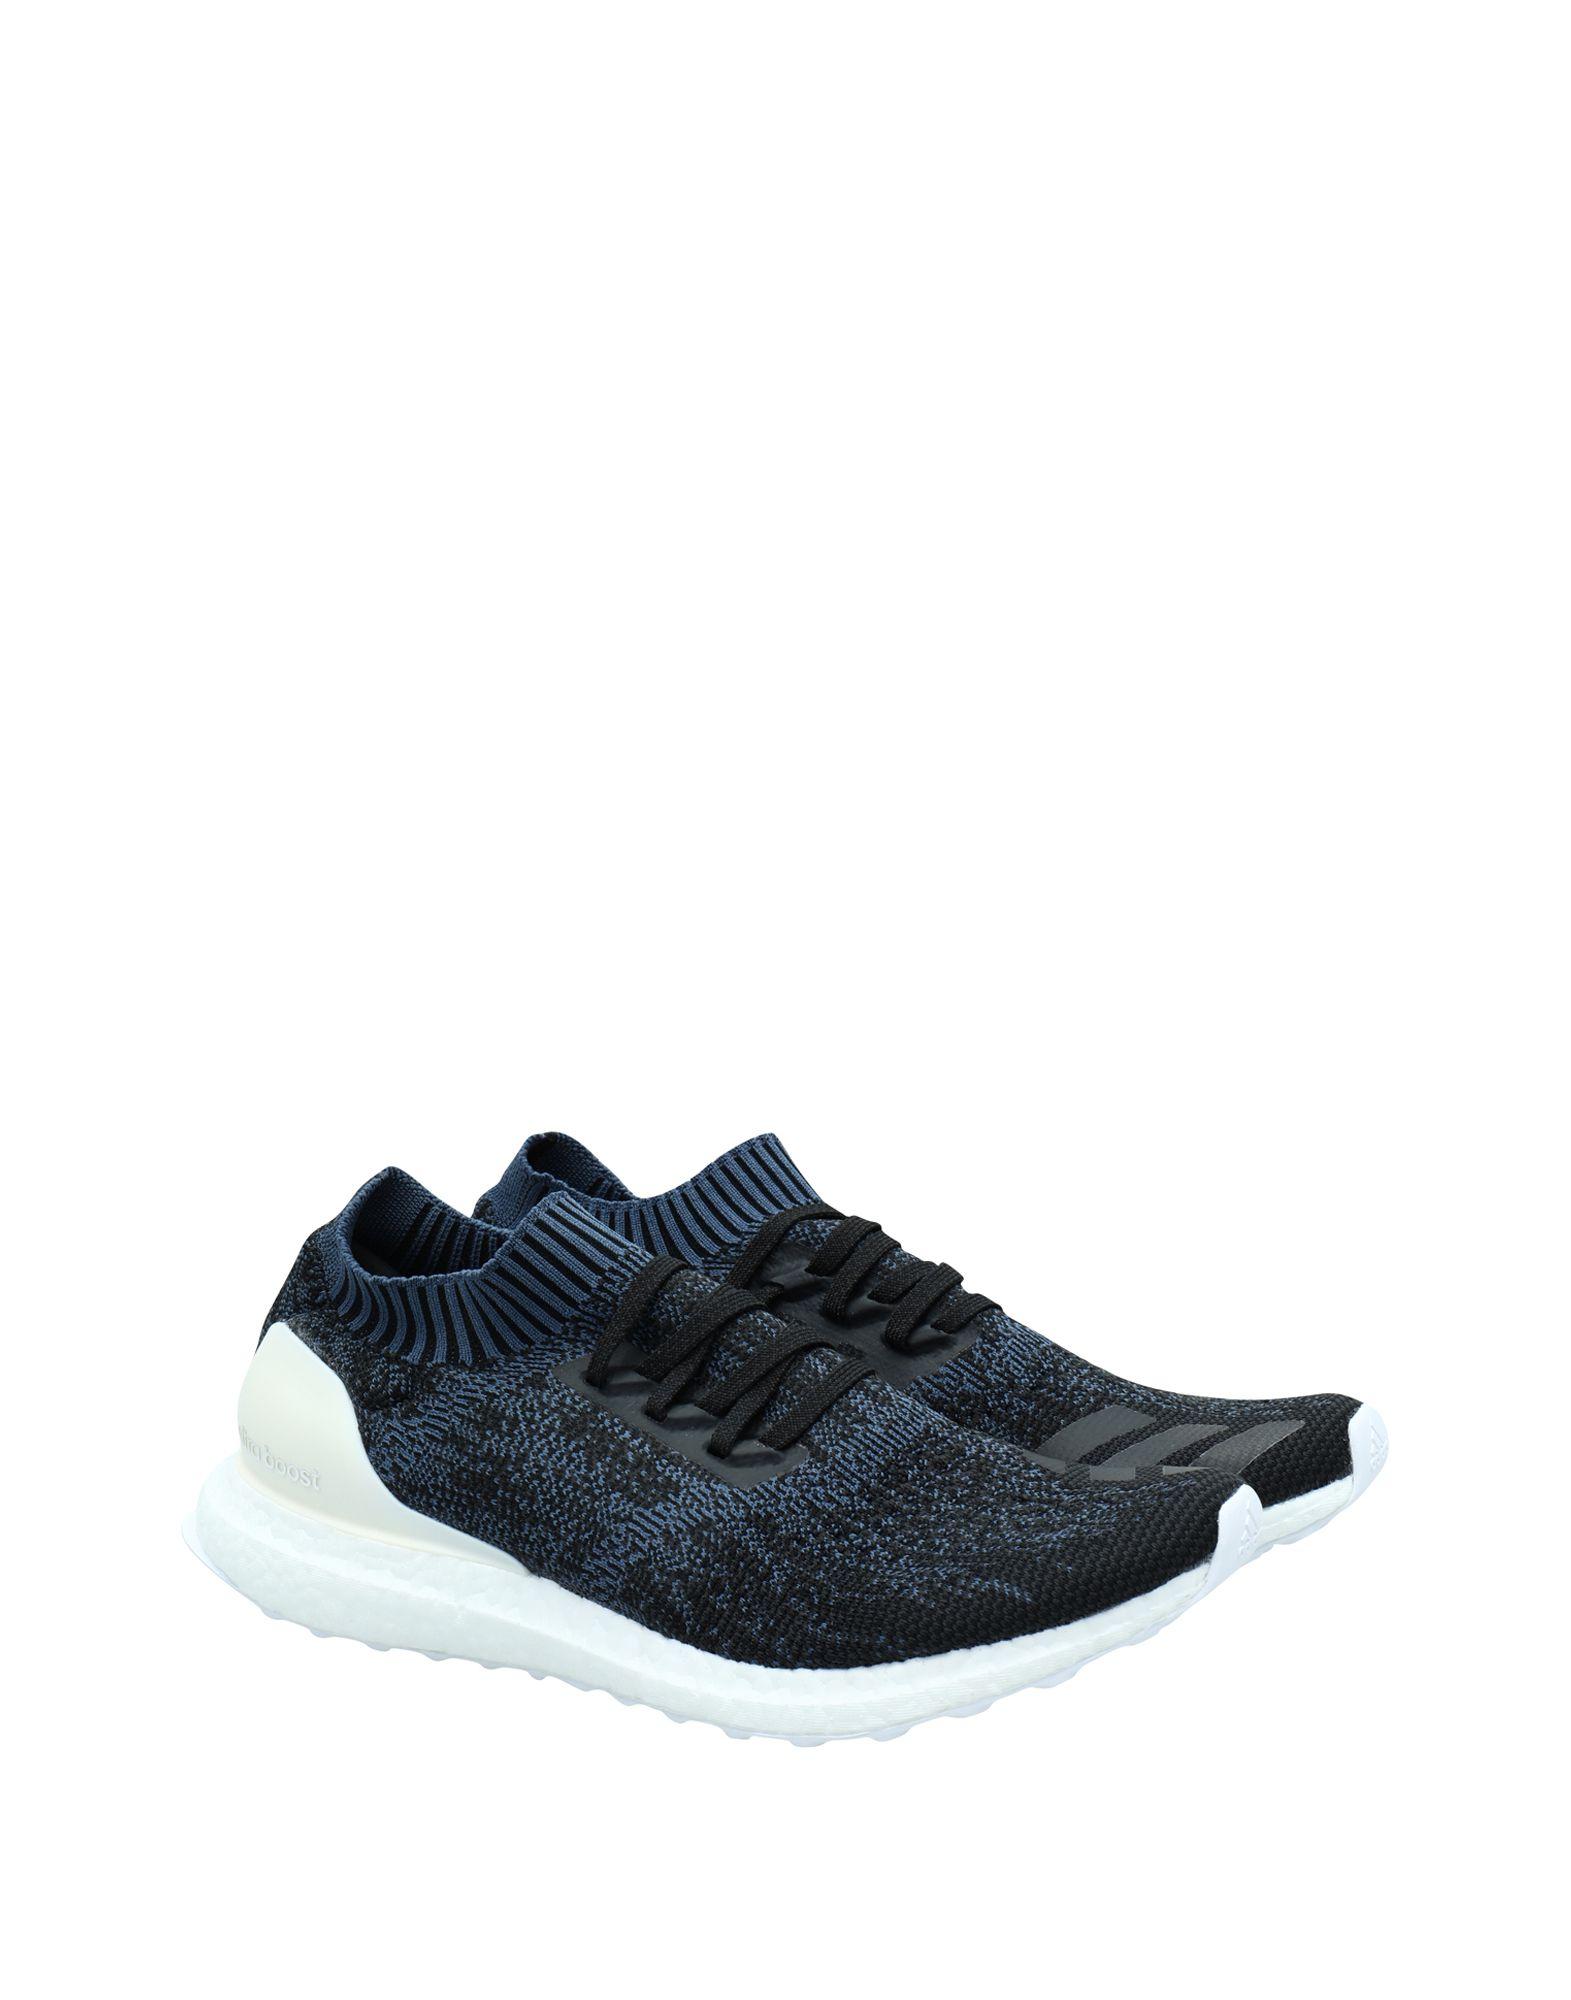 Haltbare Mode billige Schuhe Adidas Ultraboost Uncaged  11533428XW Heiße Schuhe